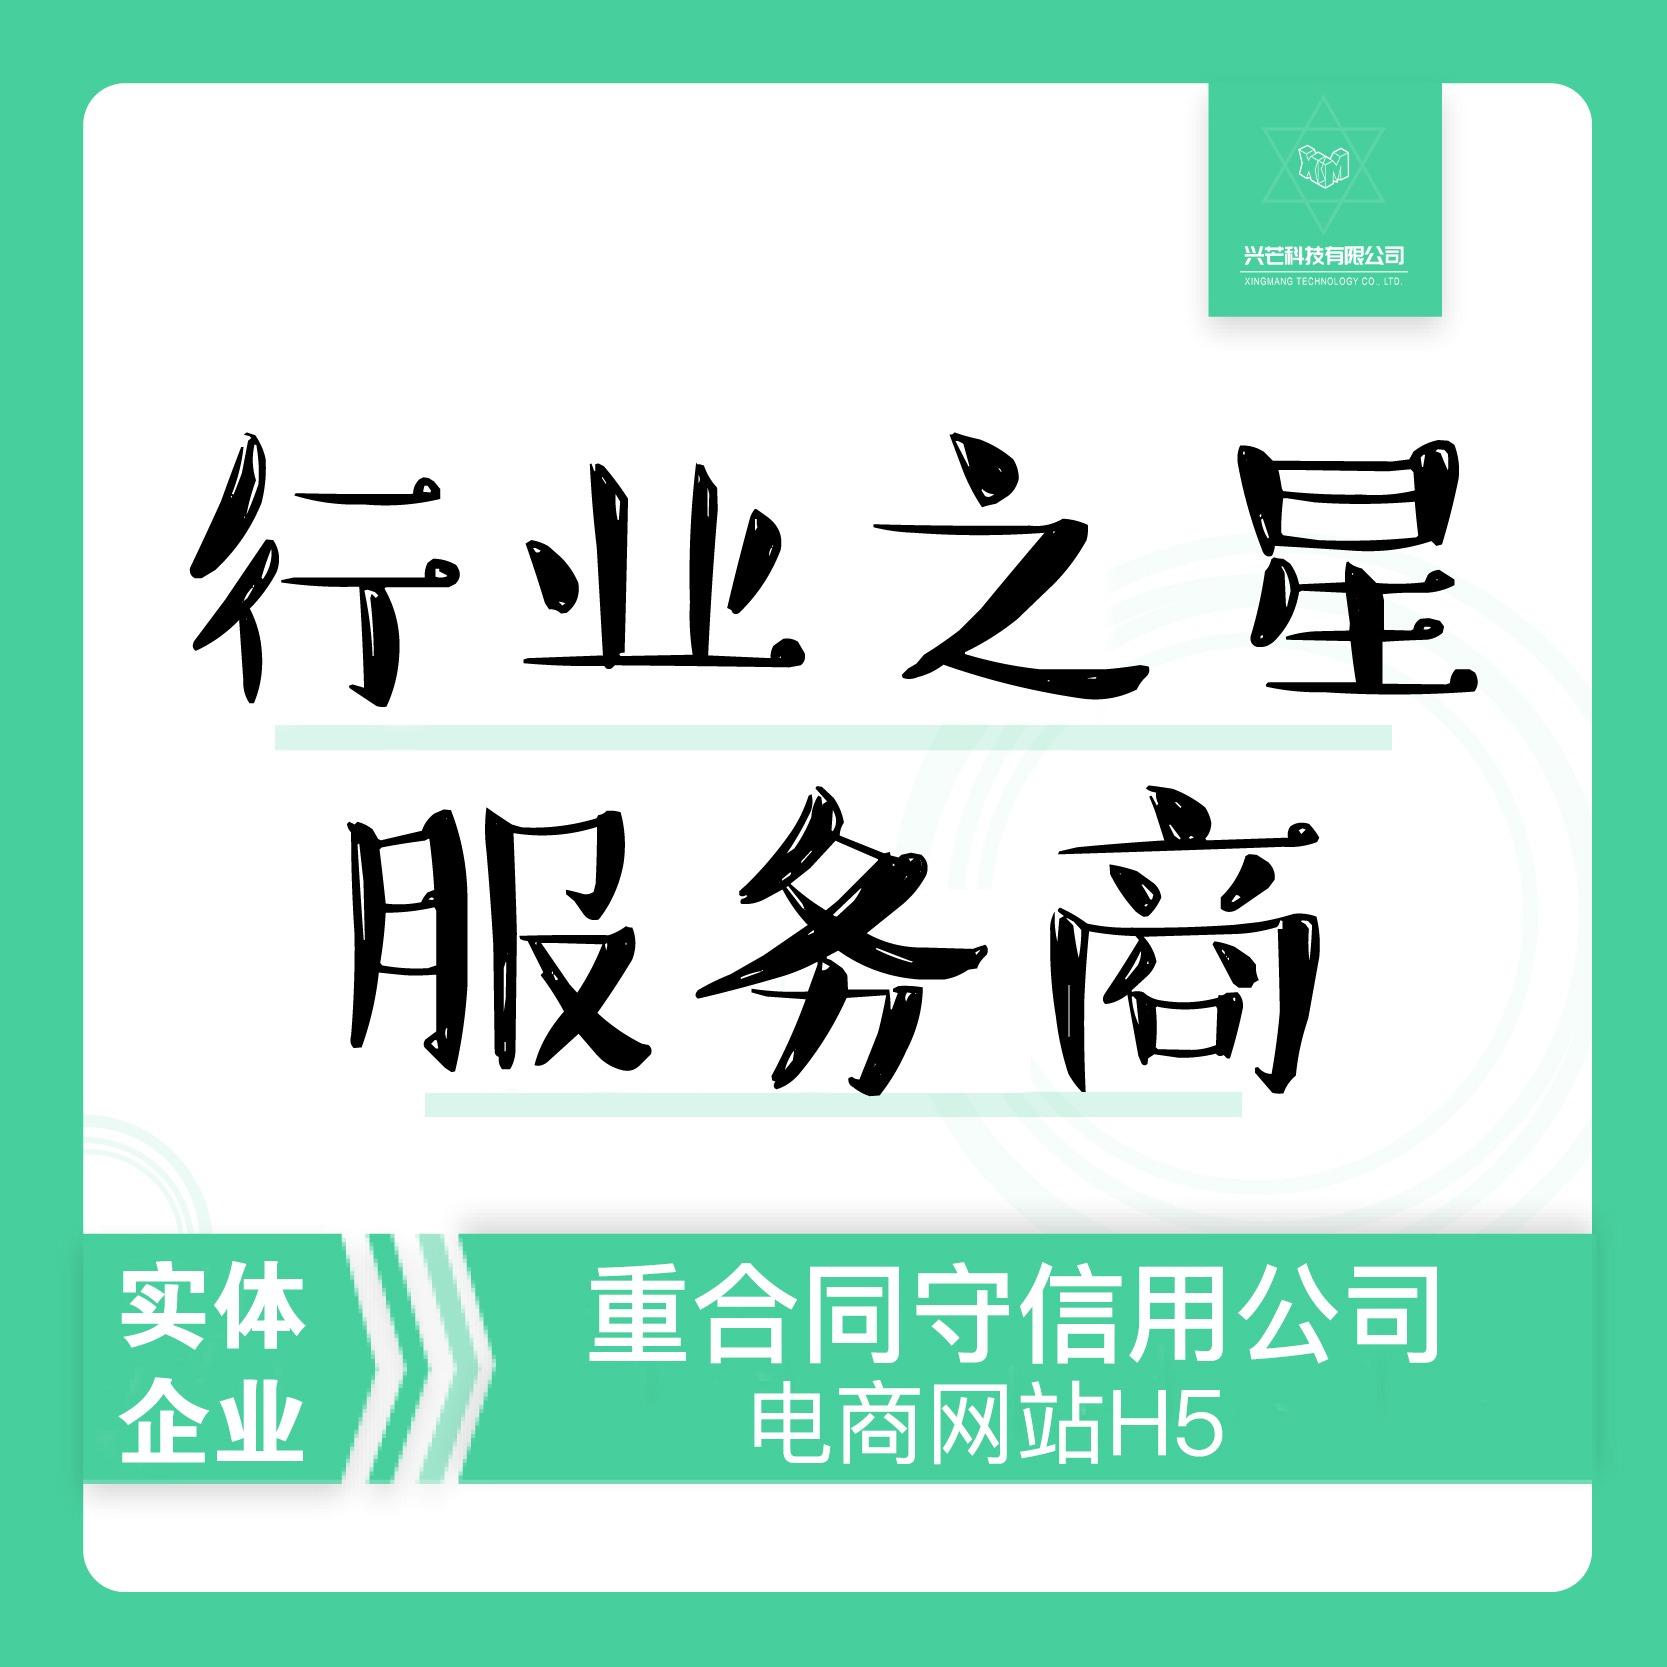 电商网站二次开发/广州深圳北京上海天津武汉合肥苏州长沙南宁